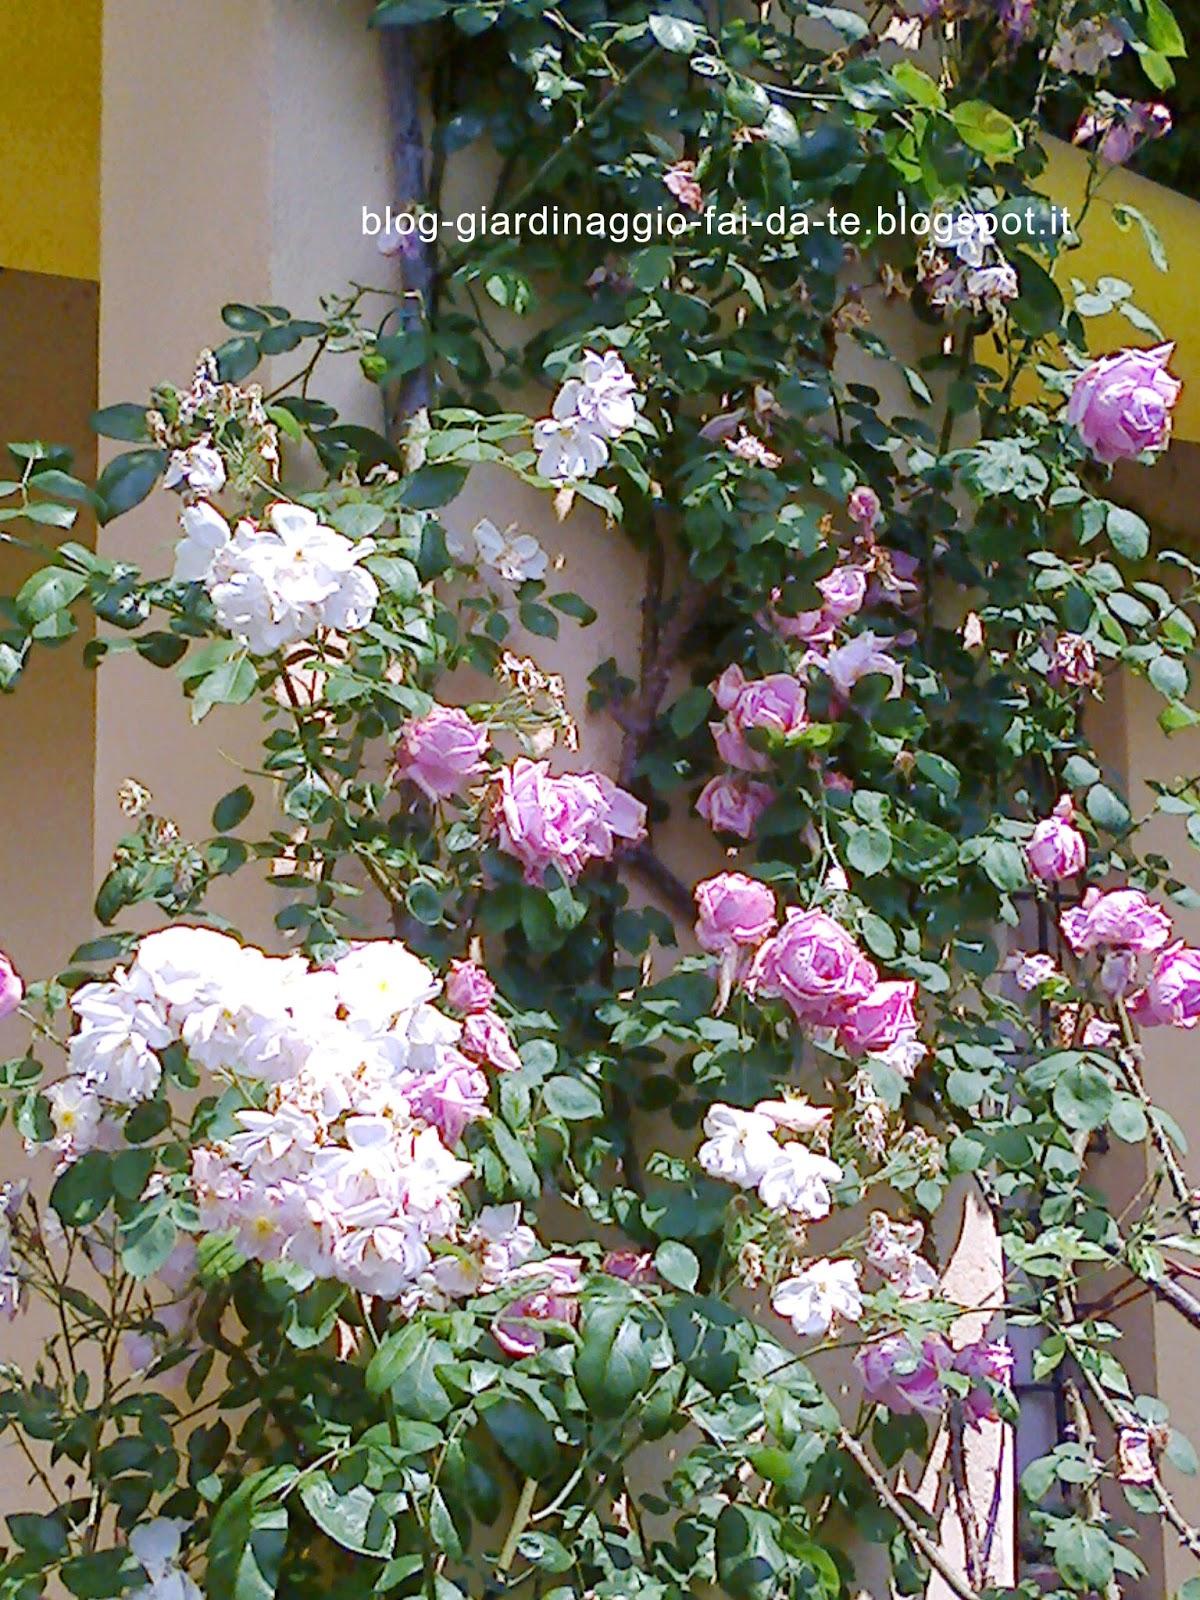 aiuole giardino immagini: servizi albe giardini sagl. bel giardino ... - Giardino Fiorito Disegno